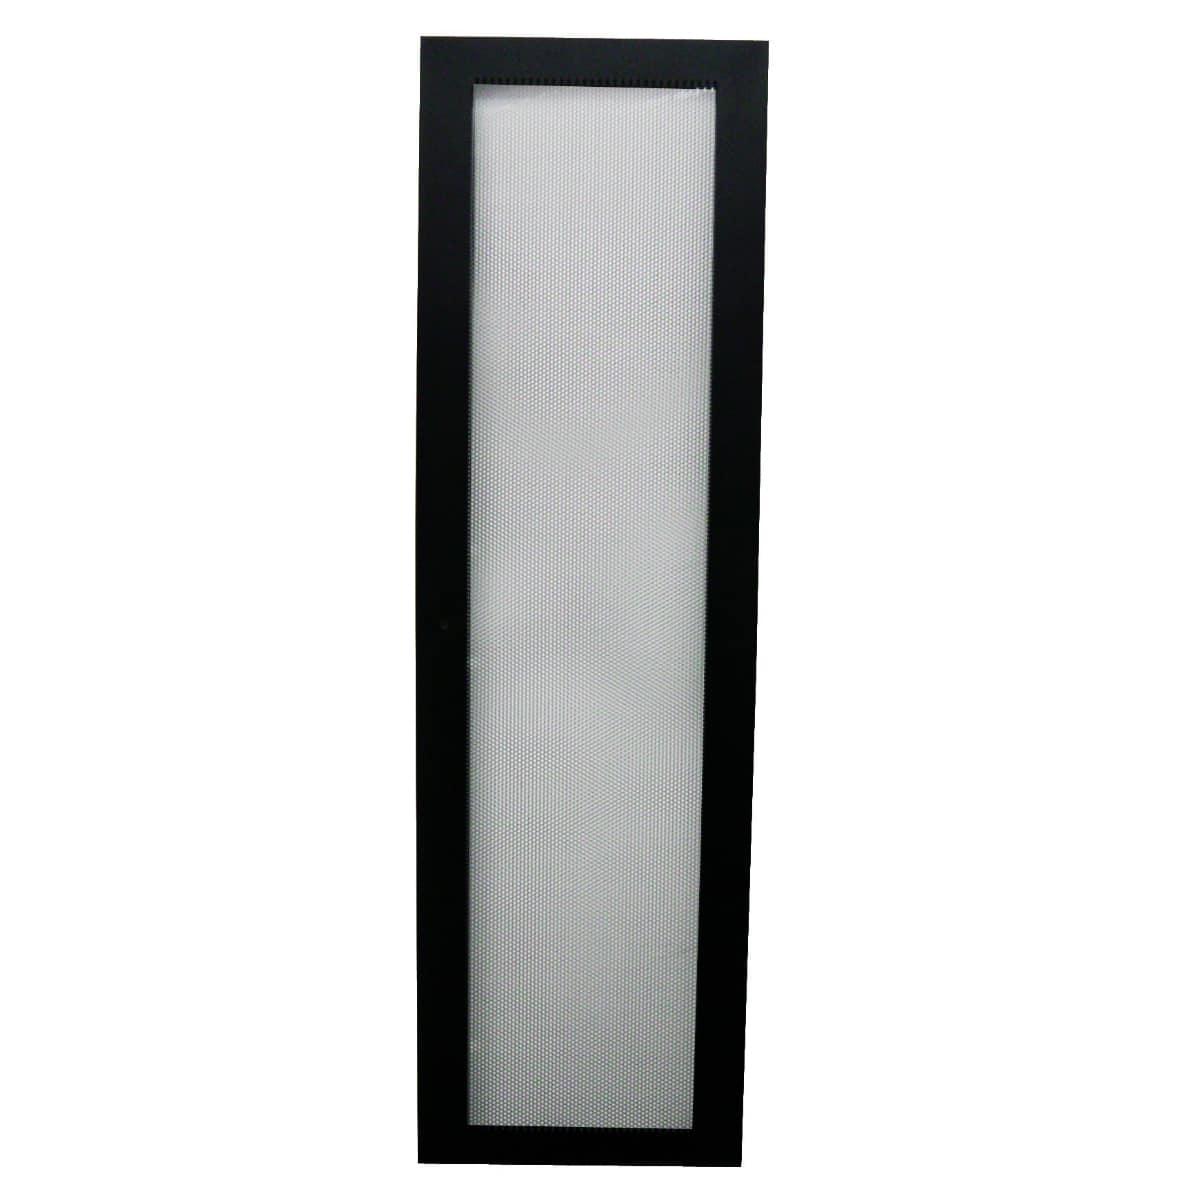 Mesh Door For 42ru 800mm Wide Free Standing Cabinets Hcc